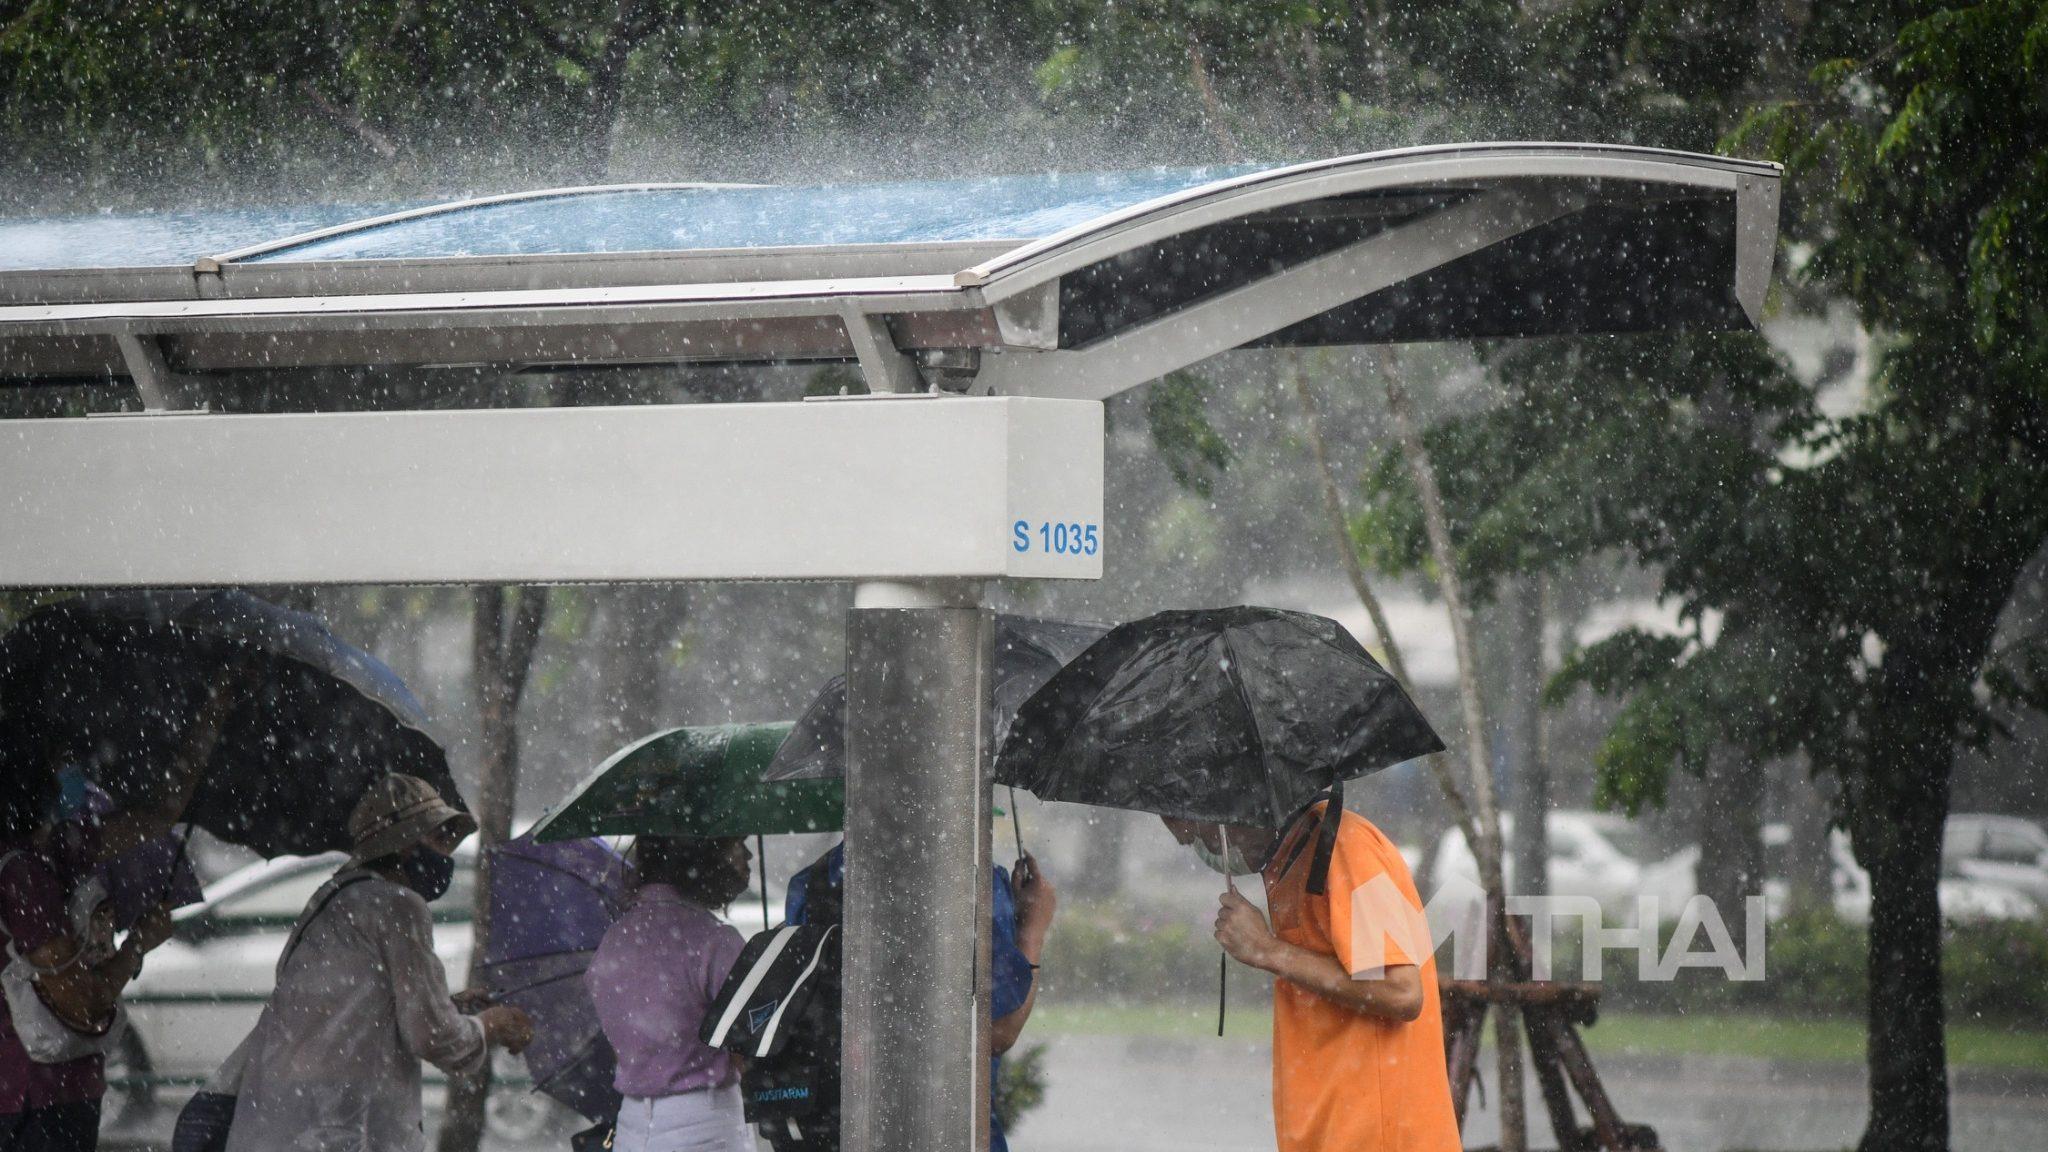 กรมอุตุฯ เผย 'พายุหลิ่นฟา' อ่อนกำลังลง เตือนพายุลูกใหม่เข้า 13-14 ต.ค.นี้